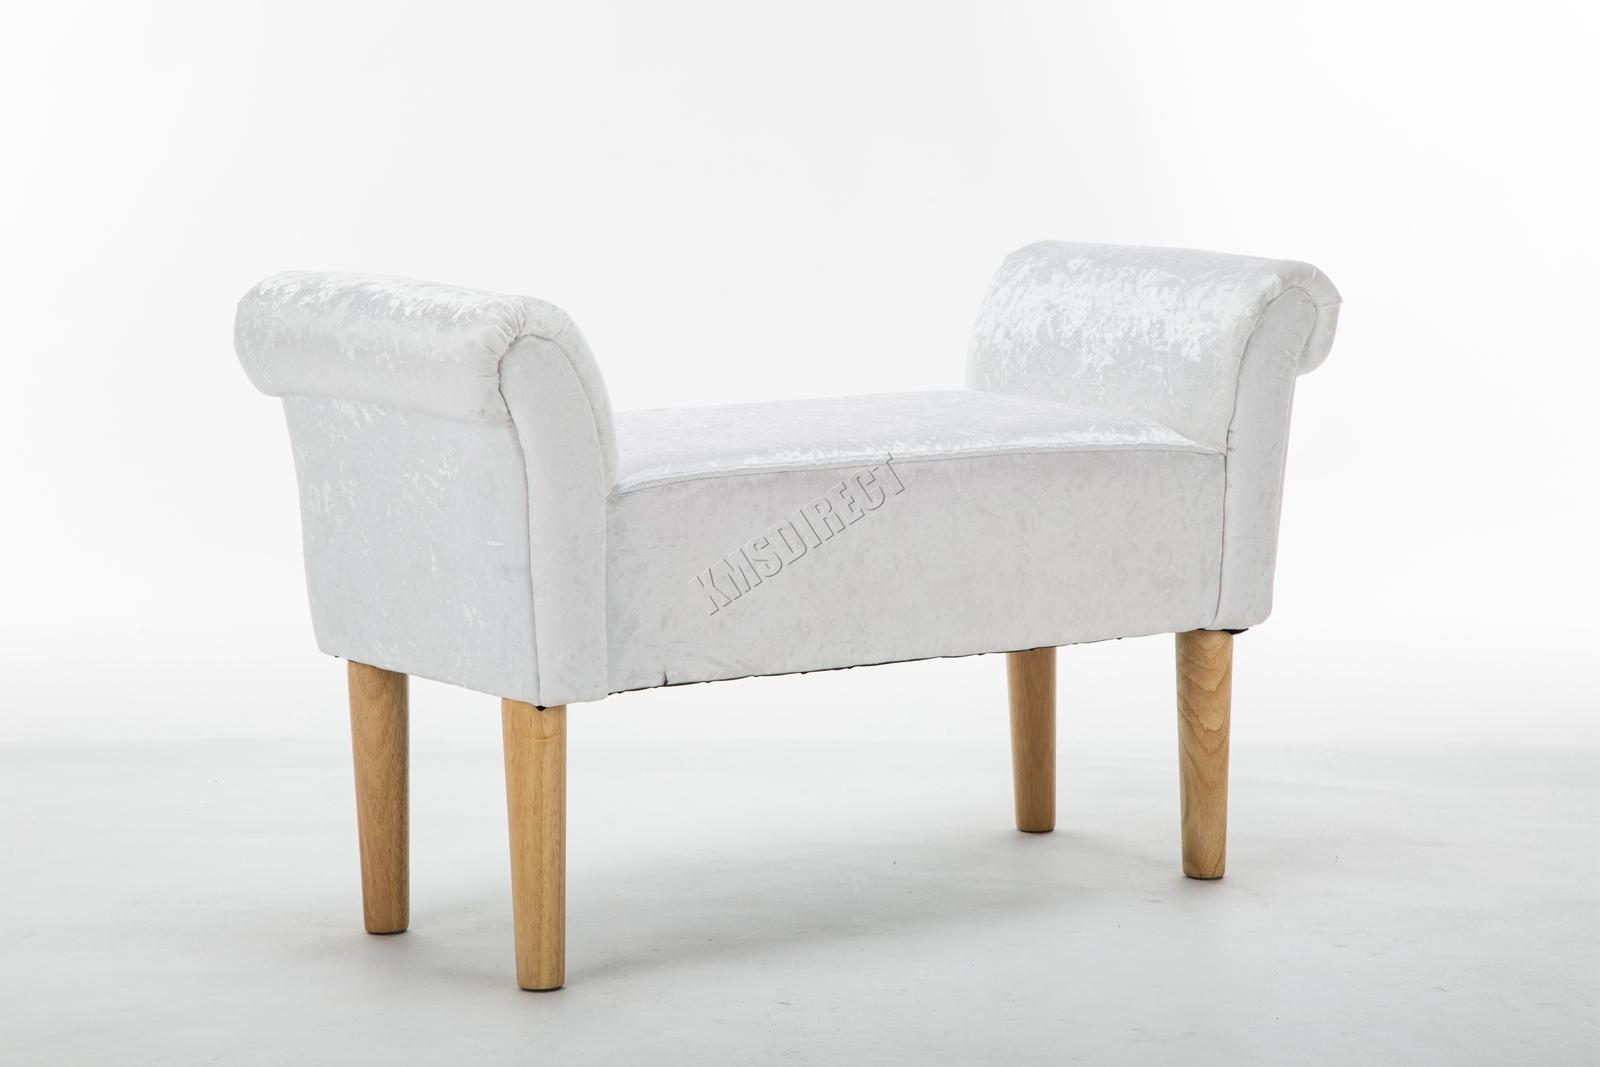 Westwood-Stoff-Bench-Fusshocker-Sitz-Pouf-Wuerfelfoermig-Polsterhocker-Schlafzimmer Indexbild 28